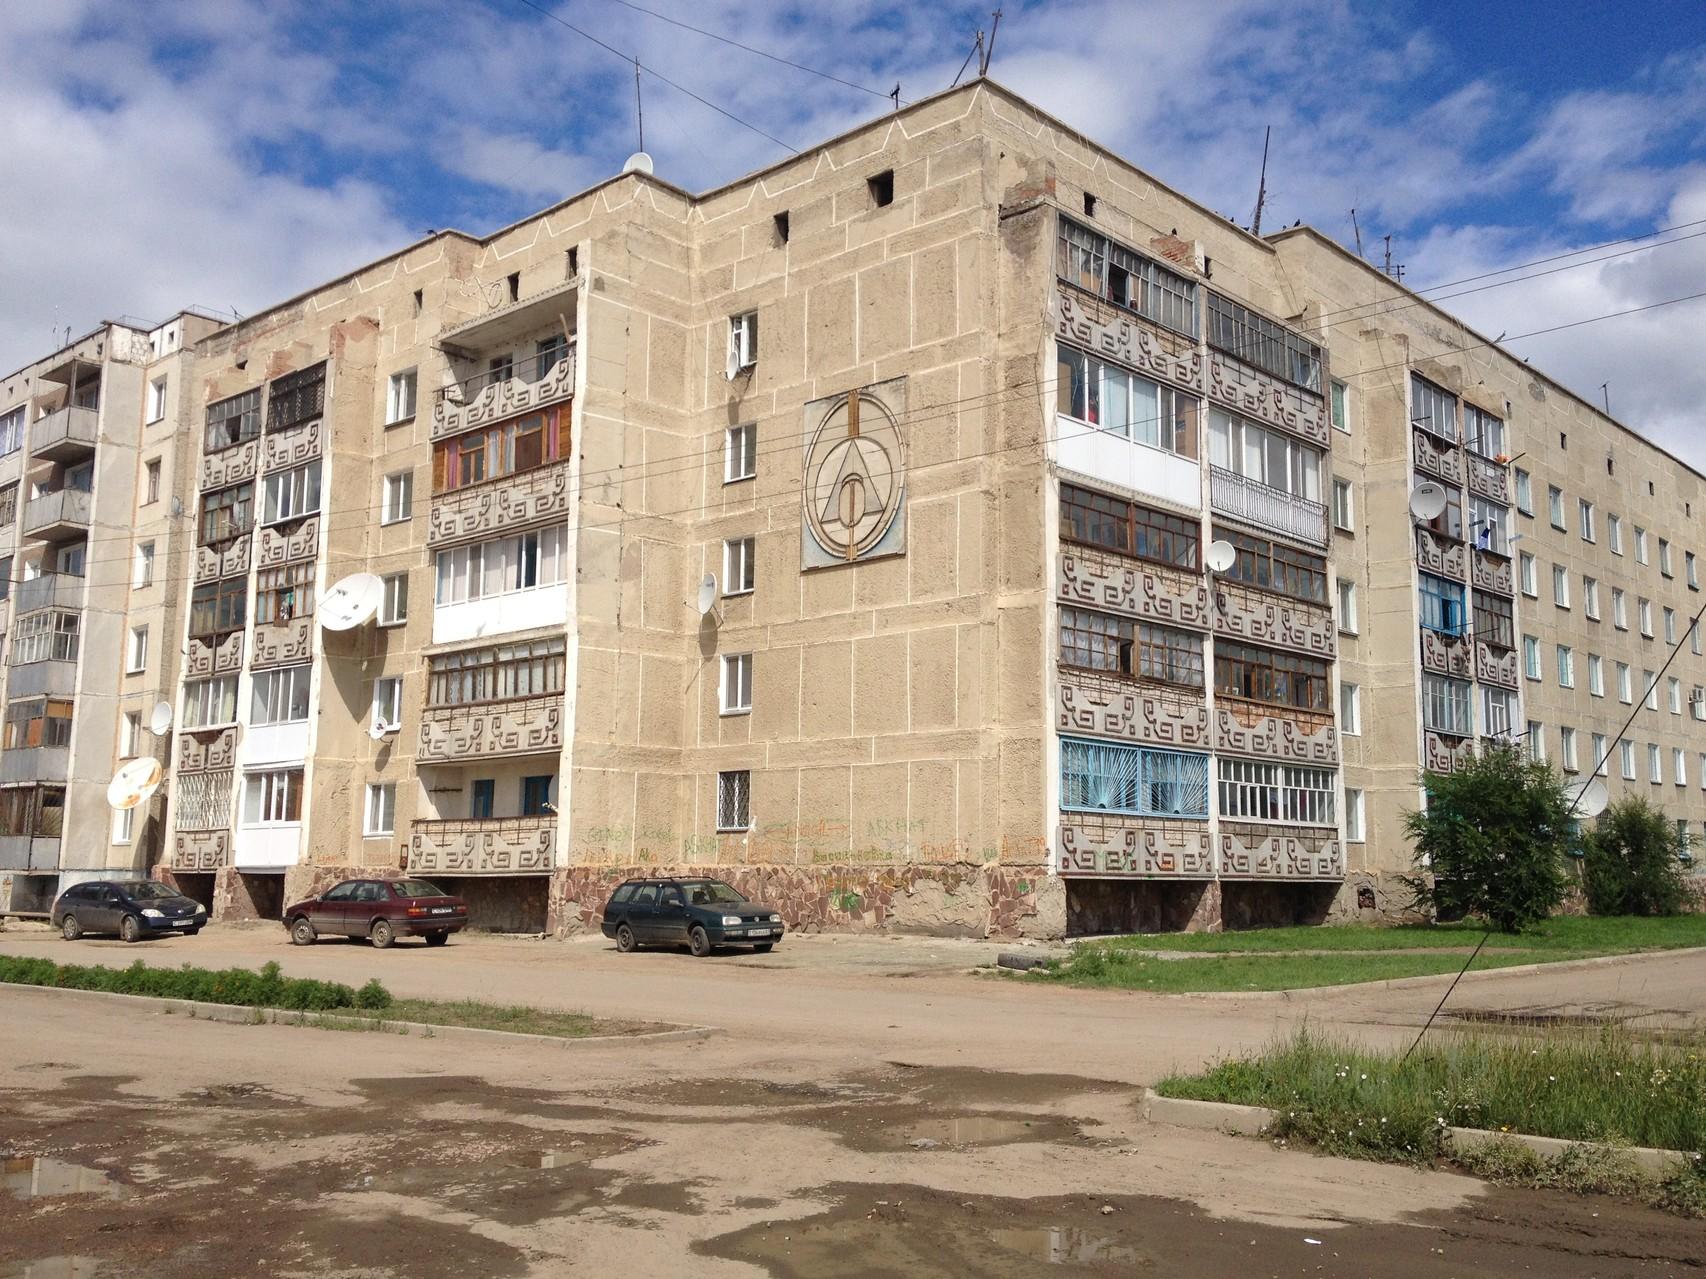 Russische Bauweise